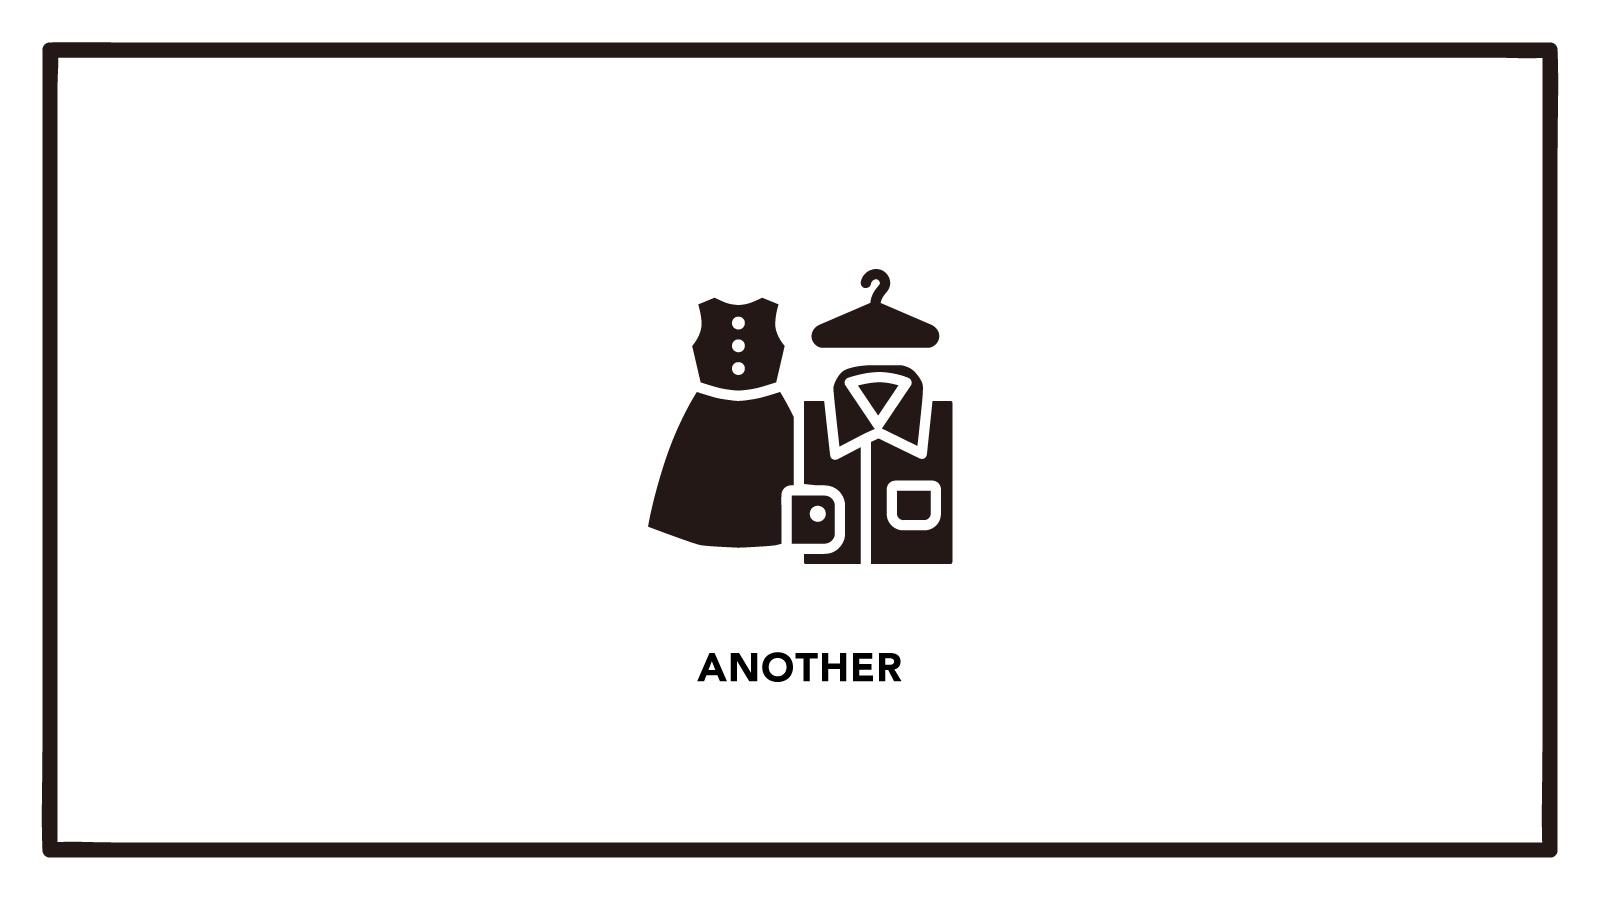 総合ショッピングECモール|インテリア雑貨の営業募集のカバー写真